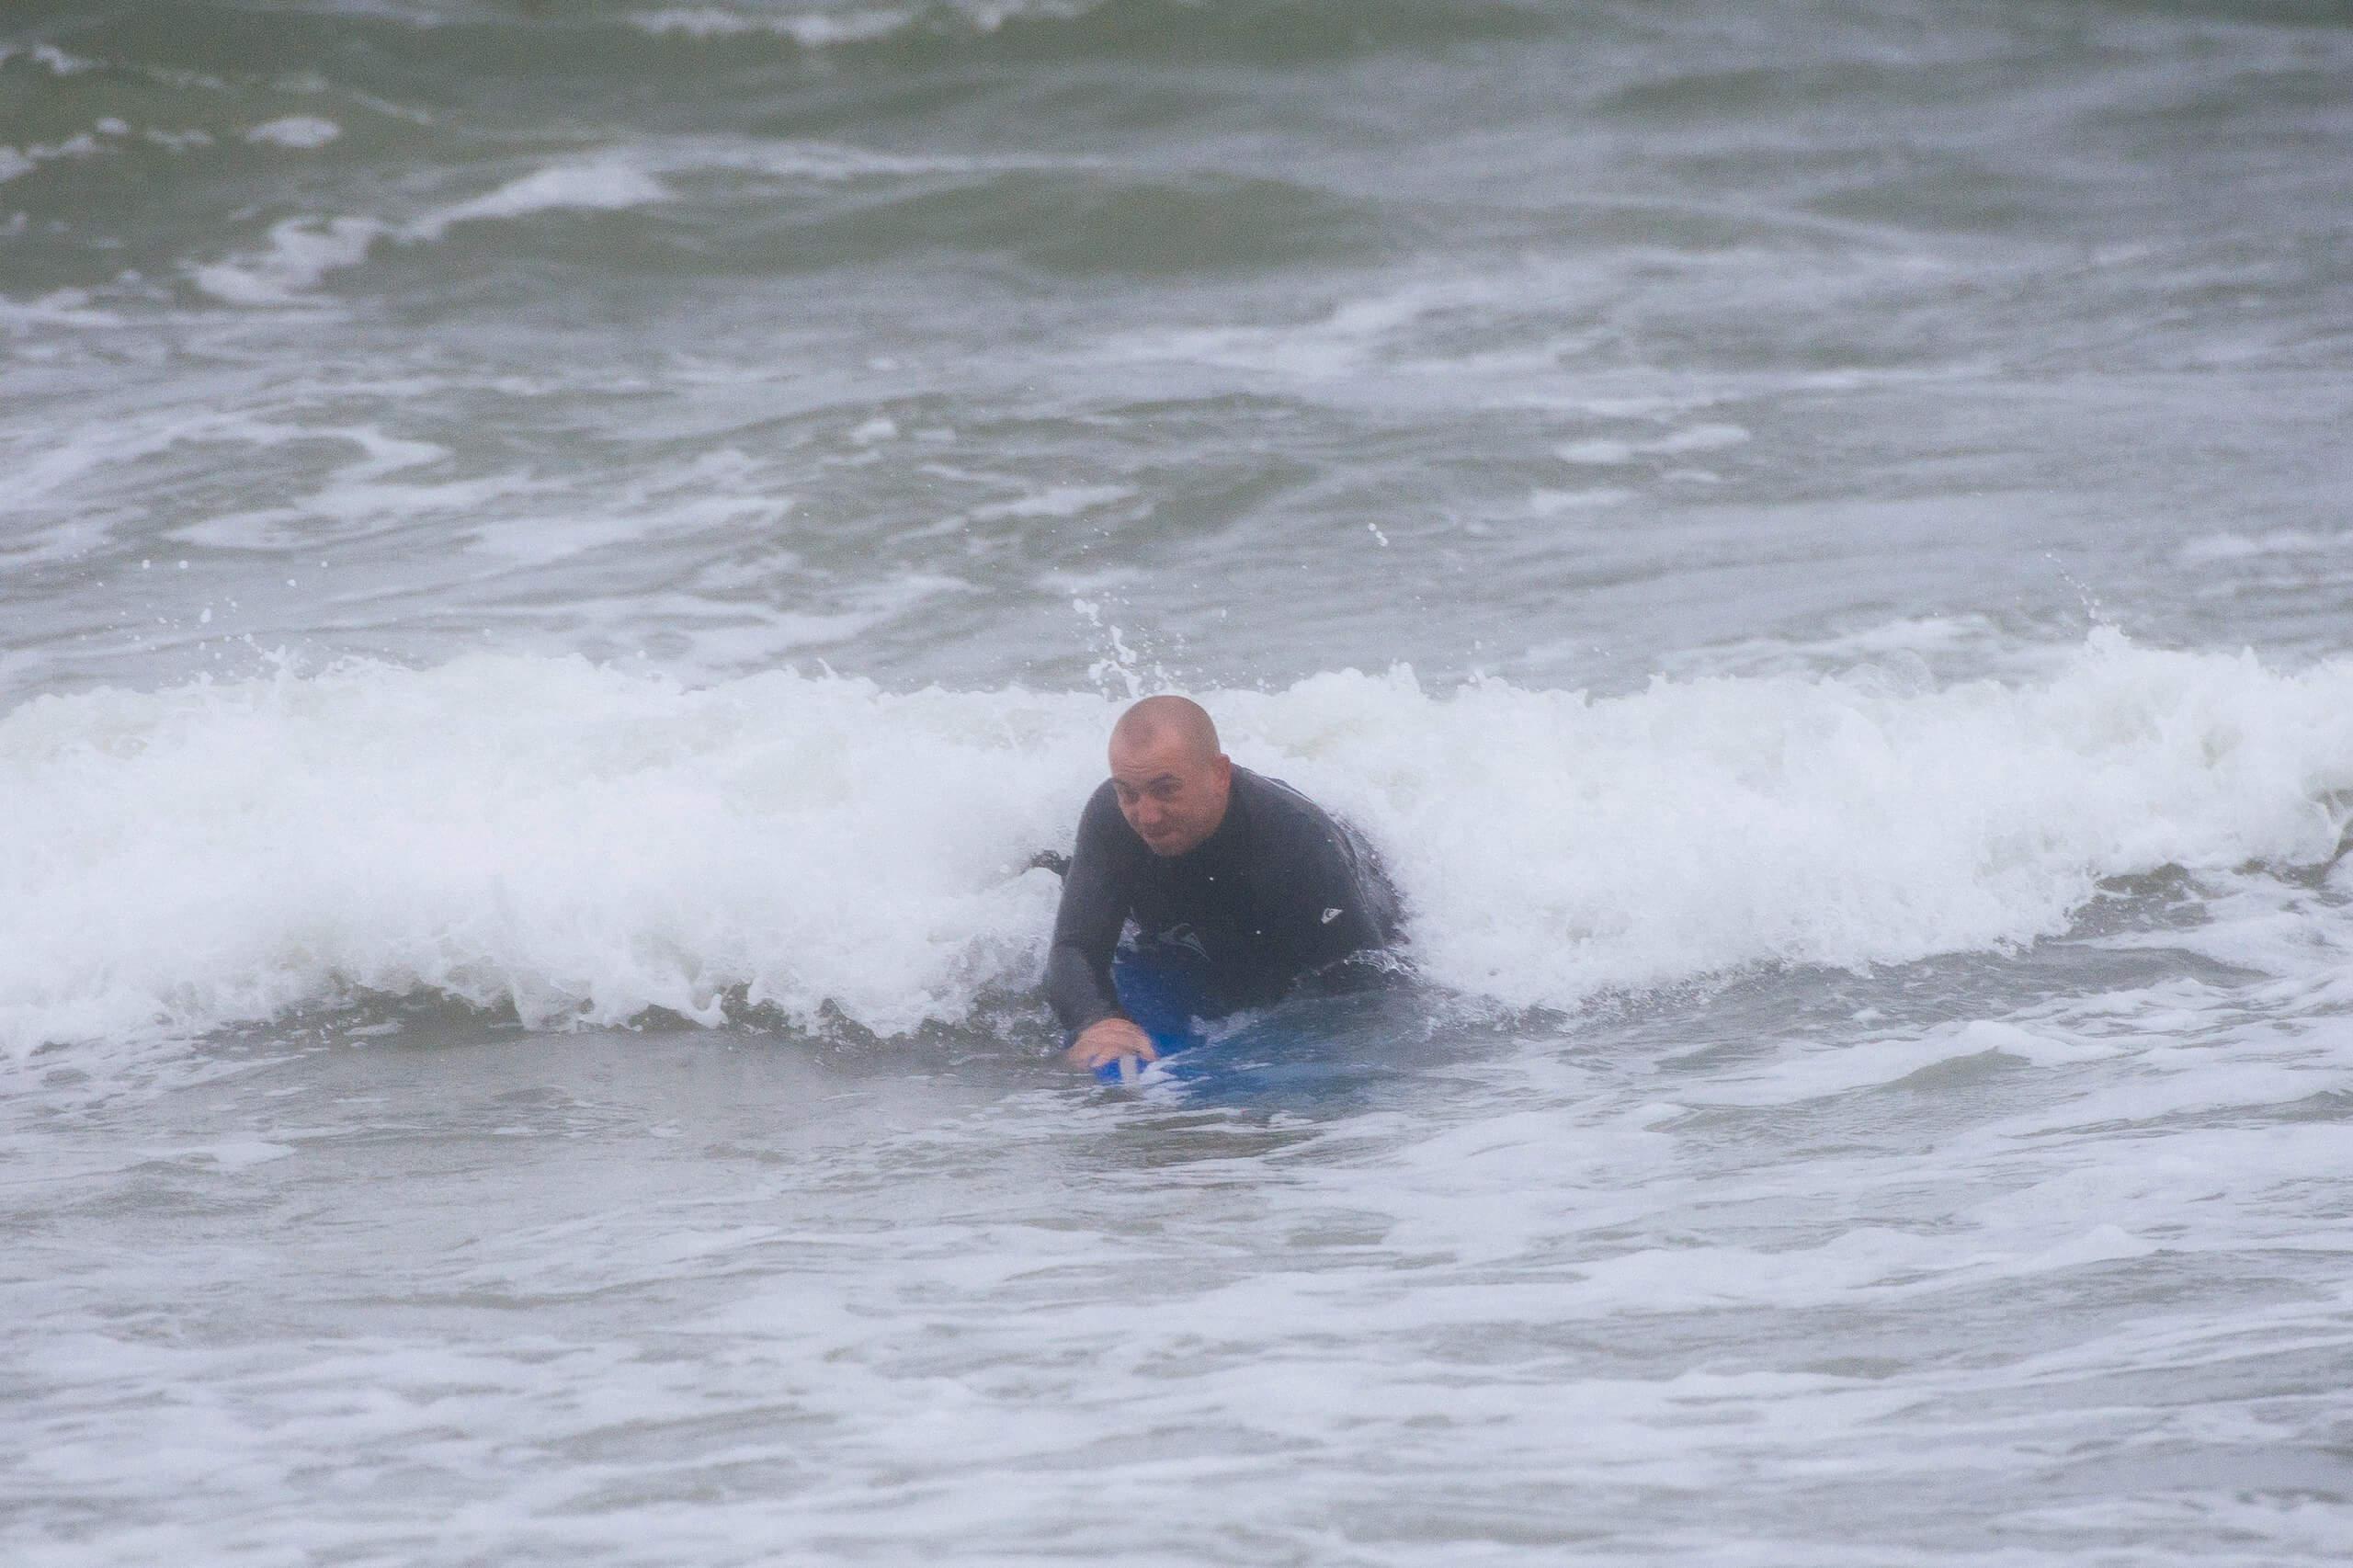 Саша Филяев на серфинге в Балтийском море